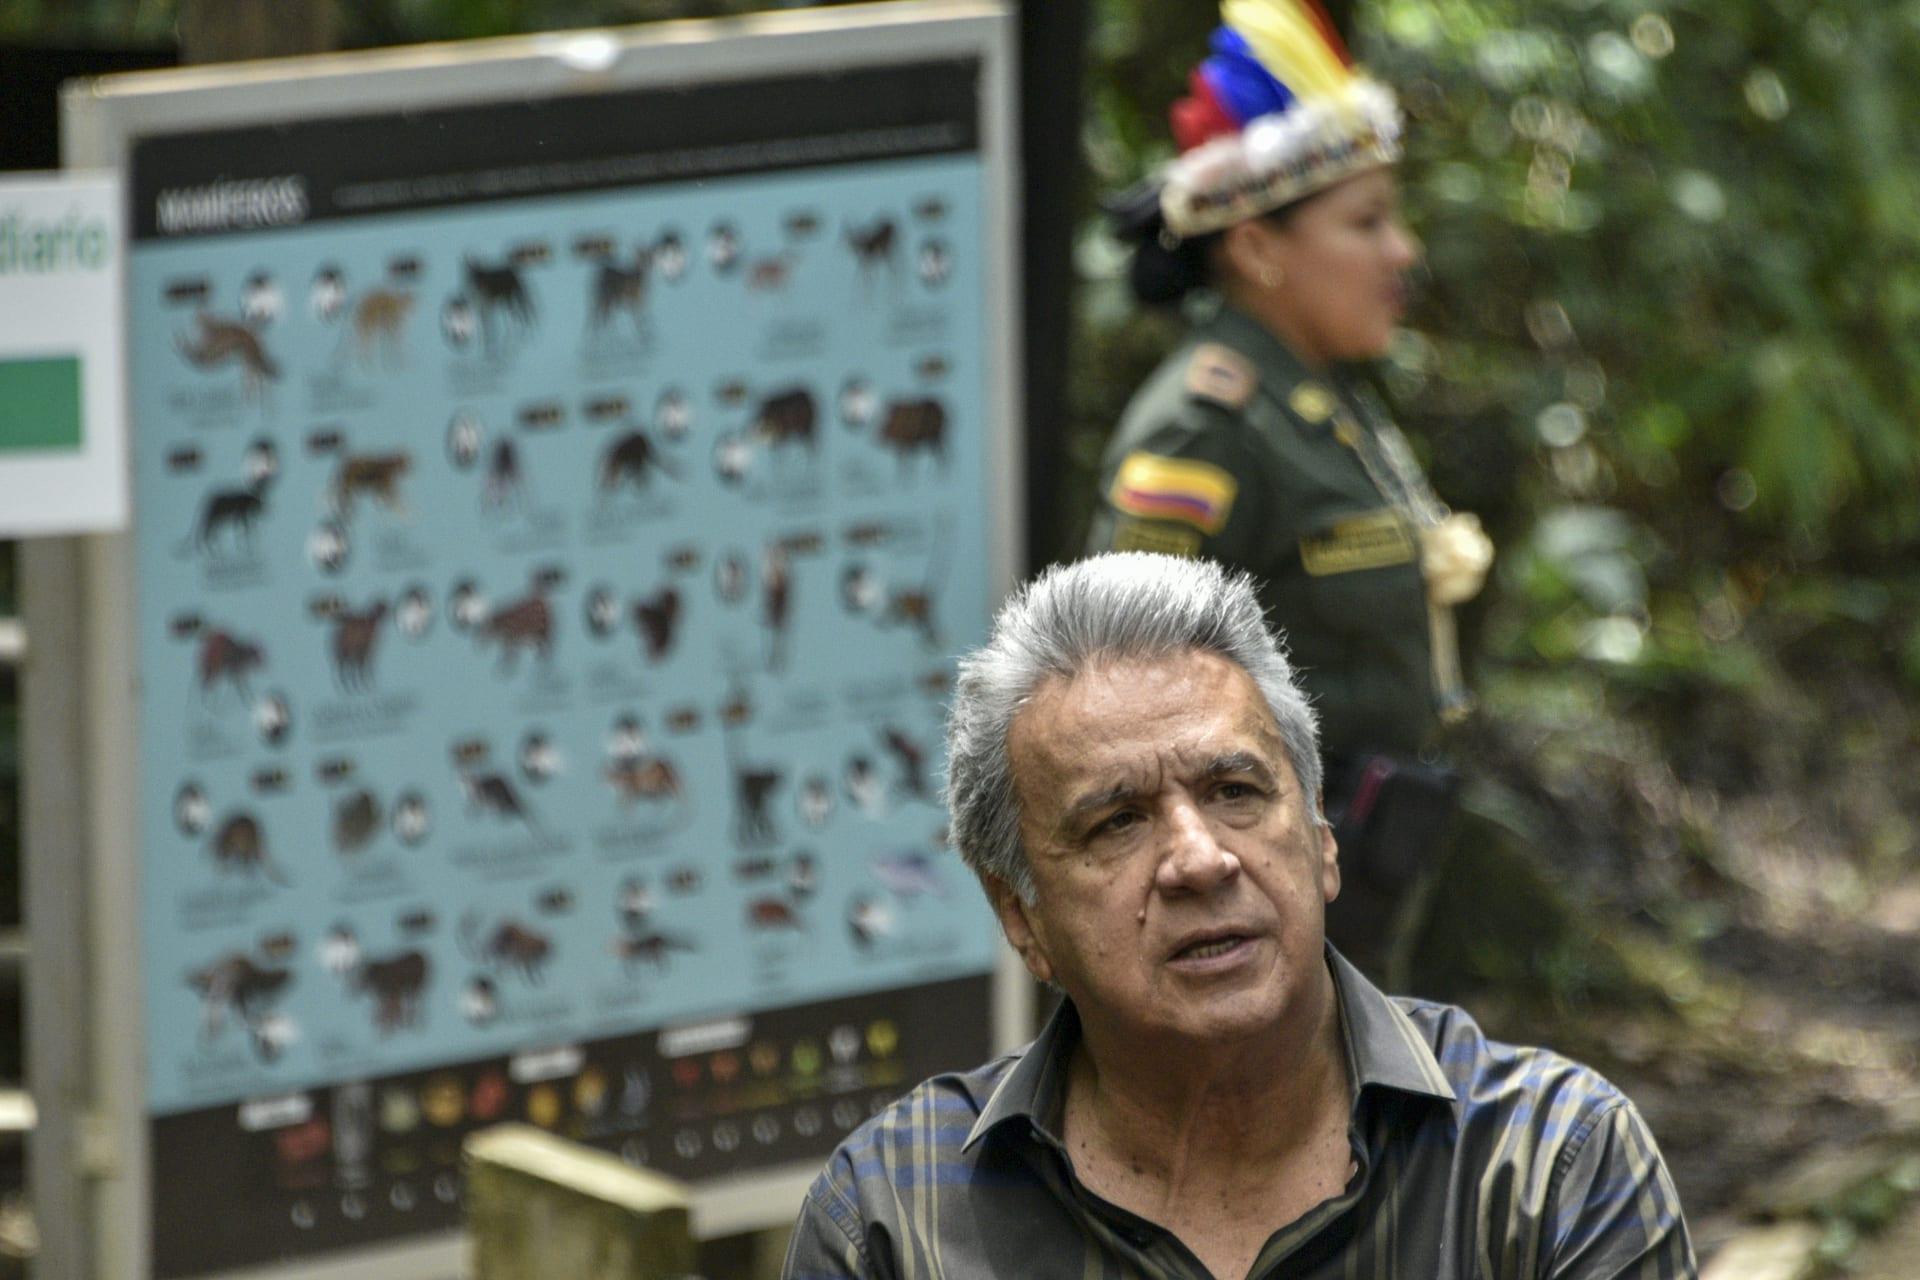 """رئيس الإكوادور يعتذر بعد قوله النساء """"يستهدفن"""" الرجال """"القُبحاء"""" فقط في مزاعم التحرش"""